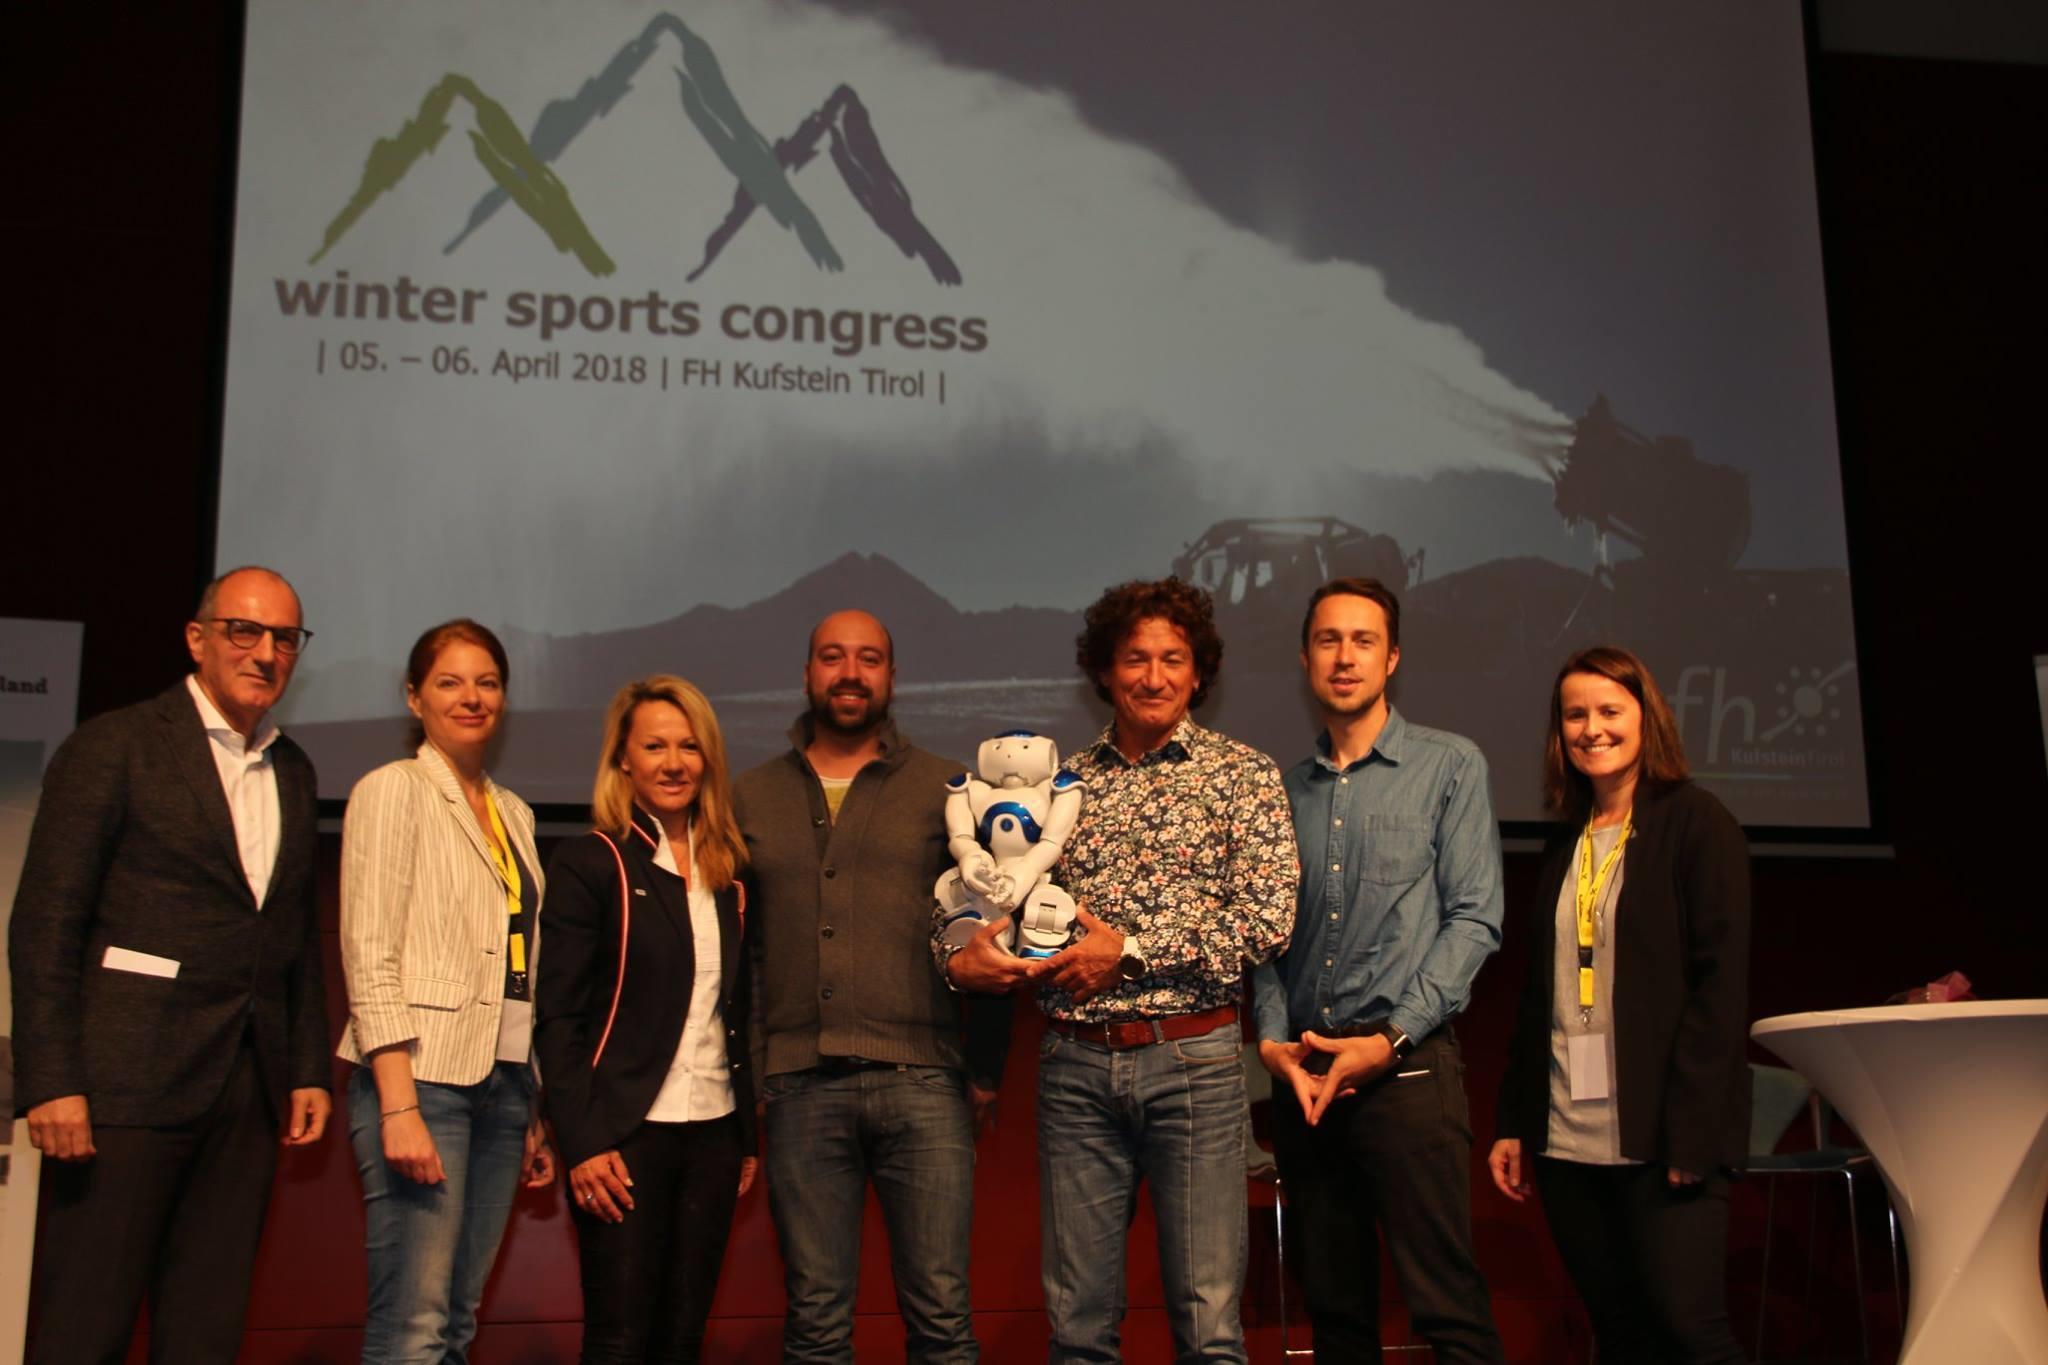 Winter Sports Kongress Kufstein